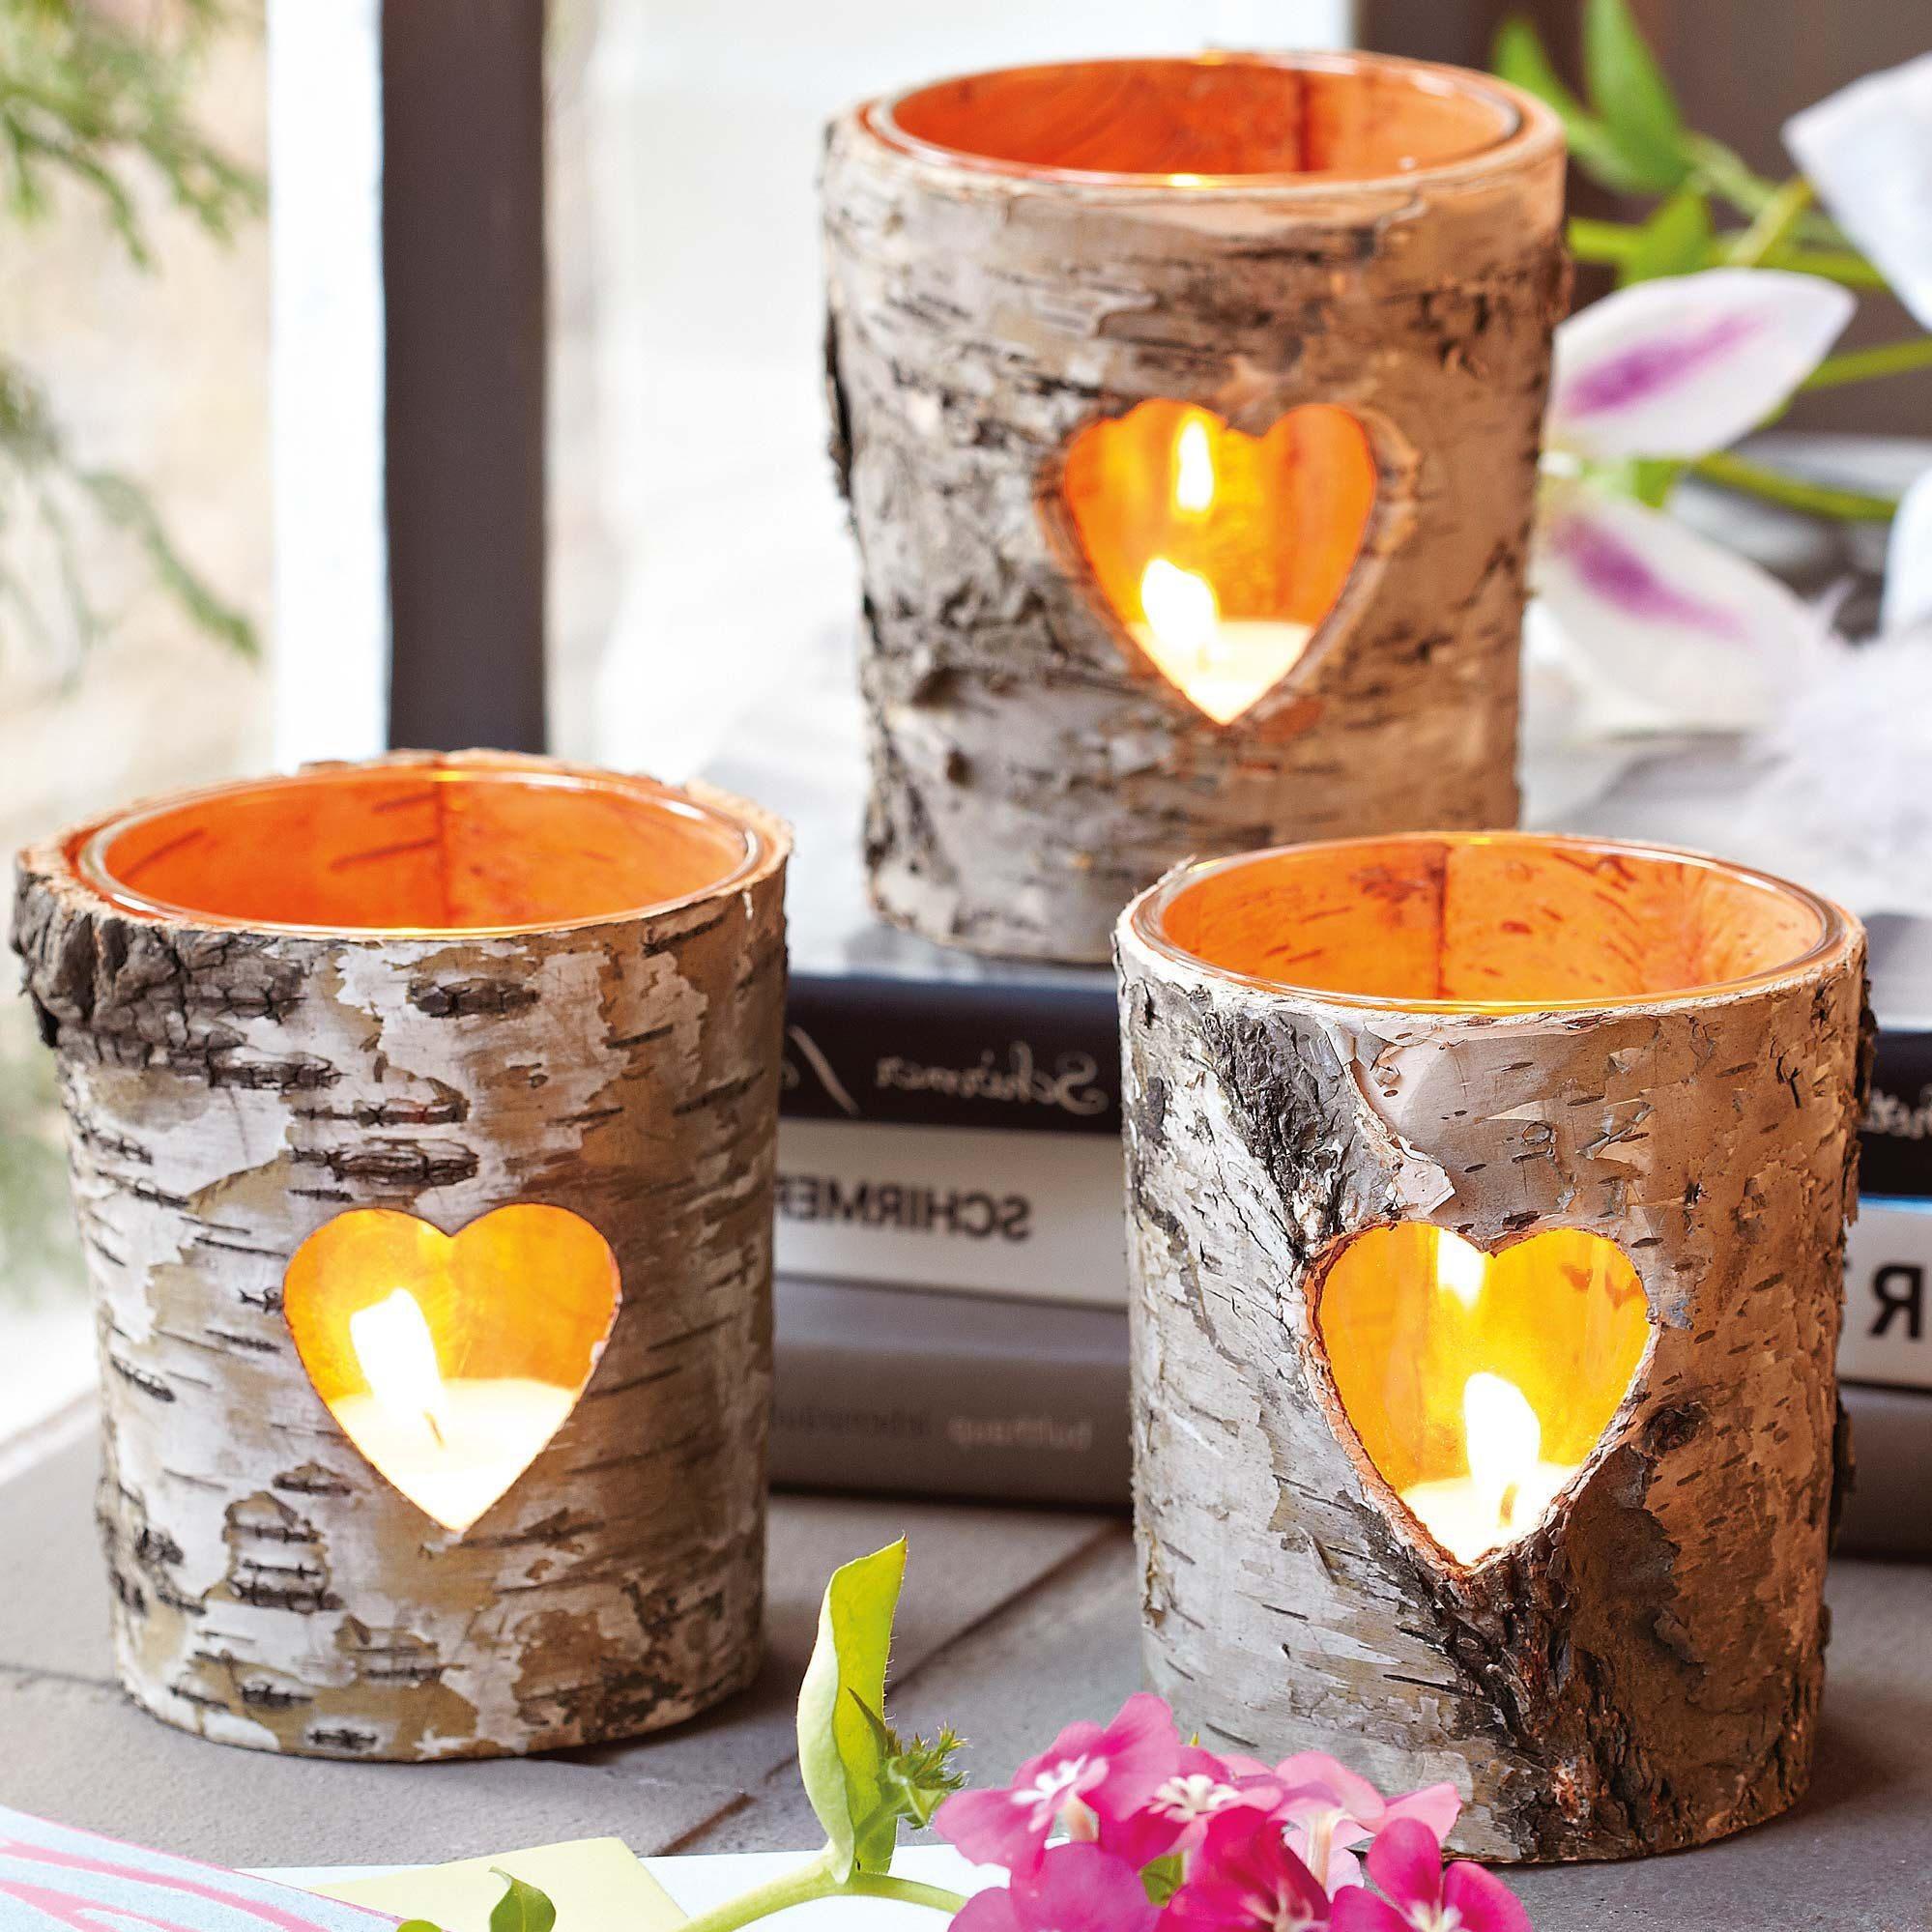 Les bougies au citron sont également énergisantes et peuvent soulager l'anxiété et la dépression.